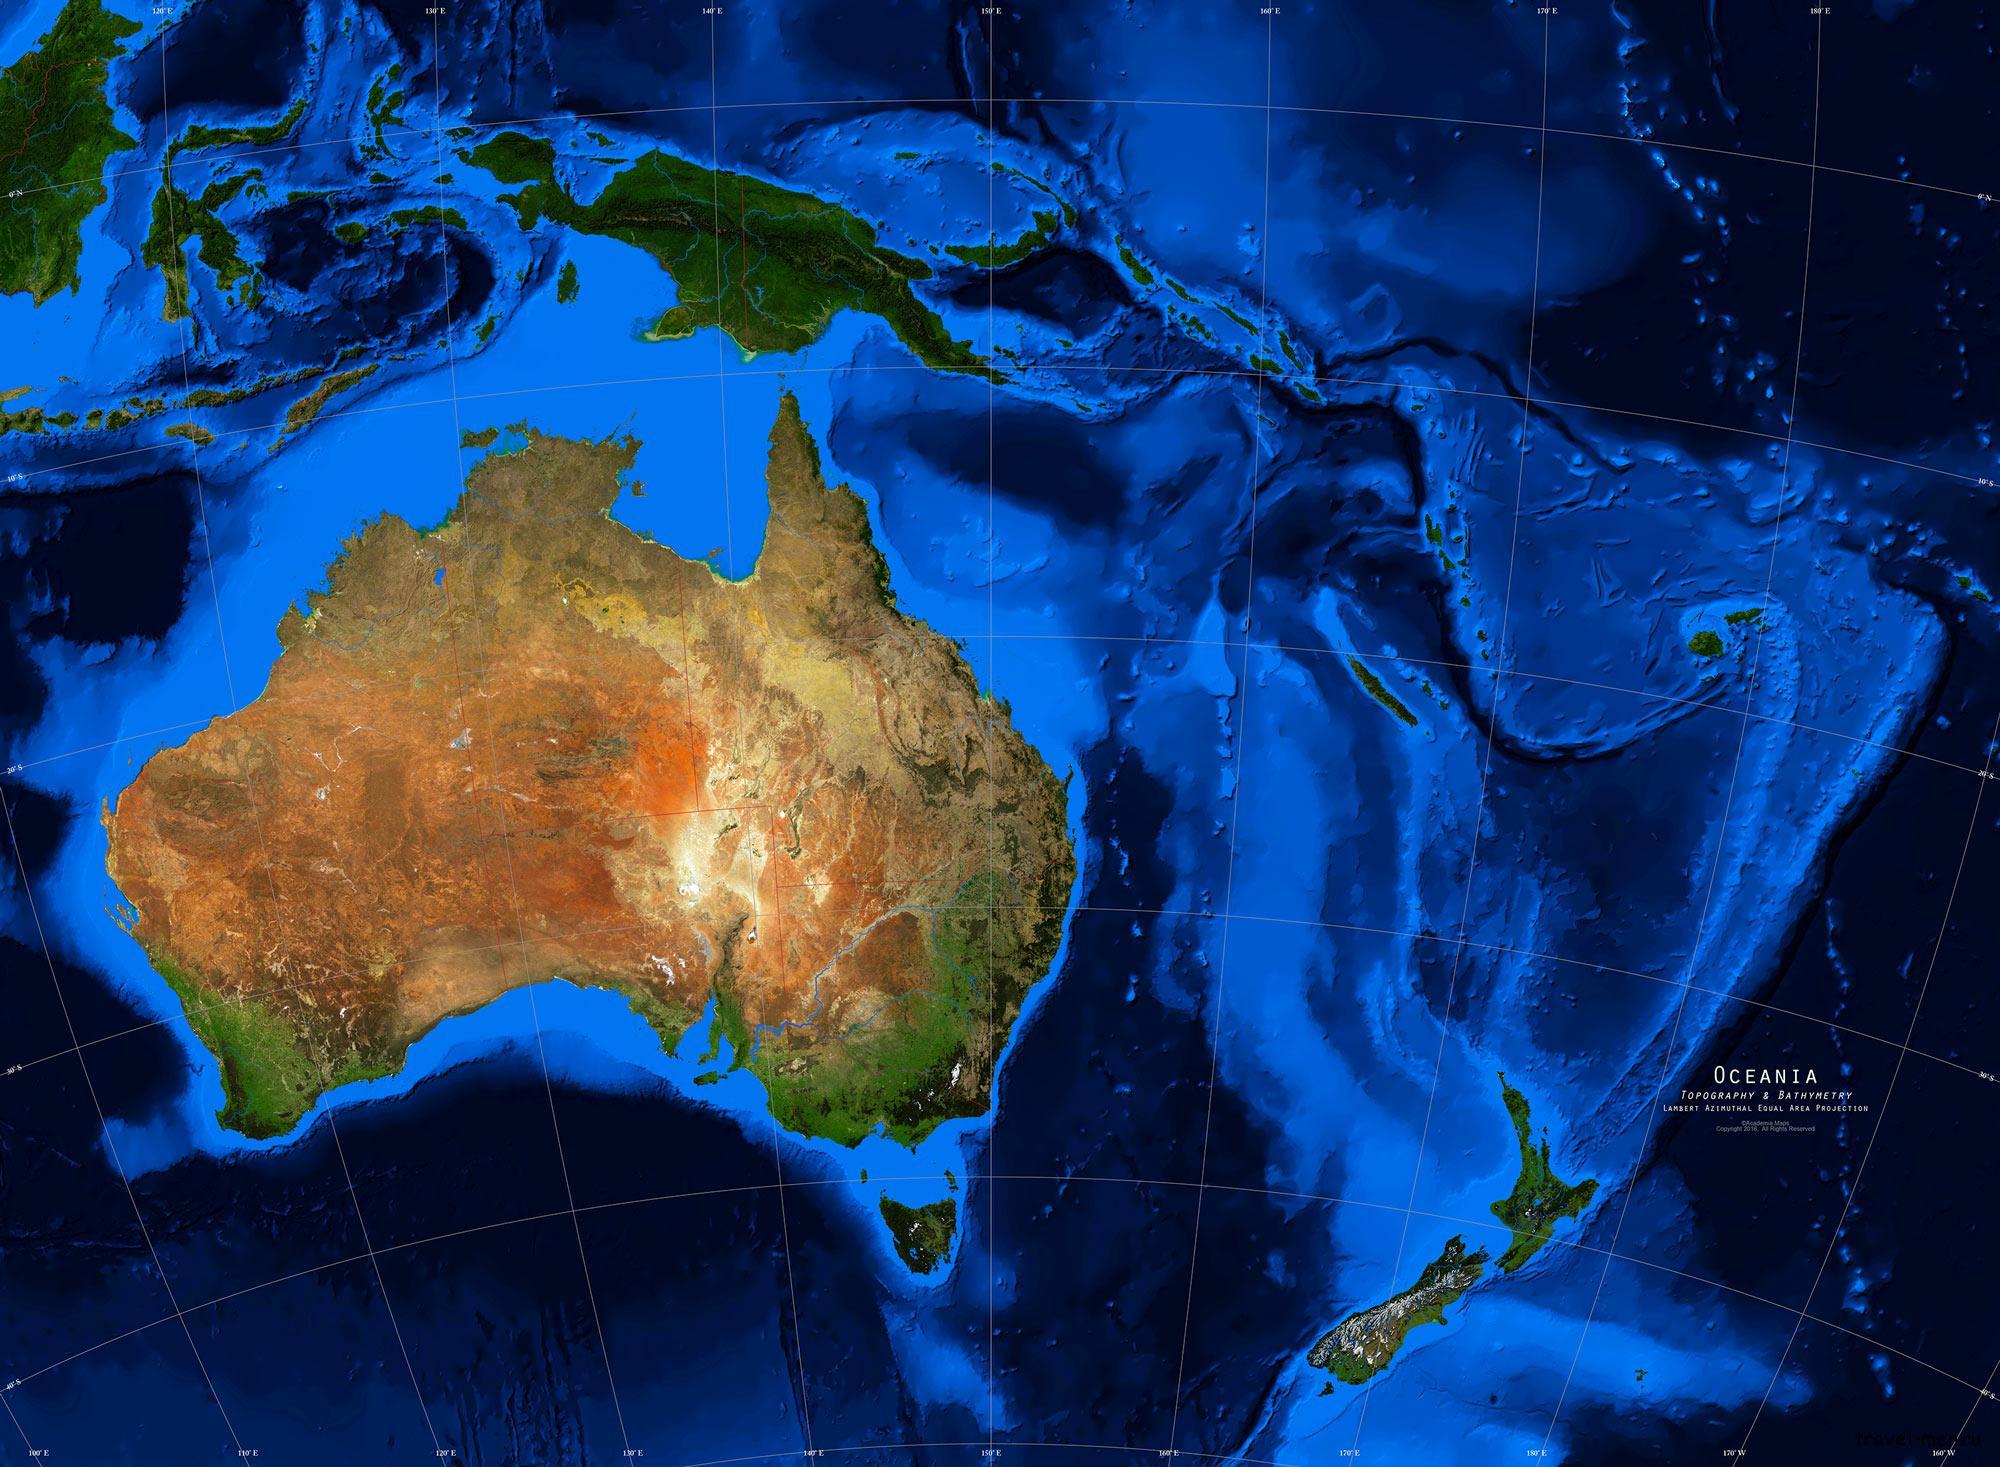 Metalldatierungsstelle australia